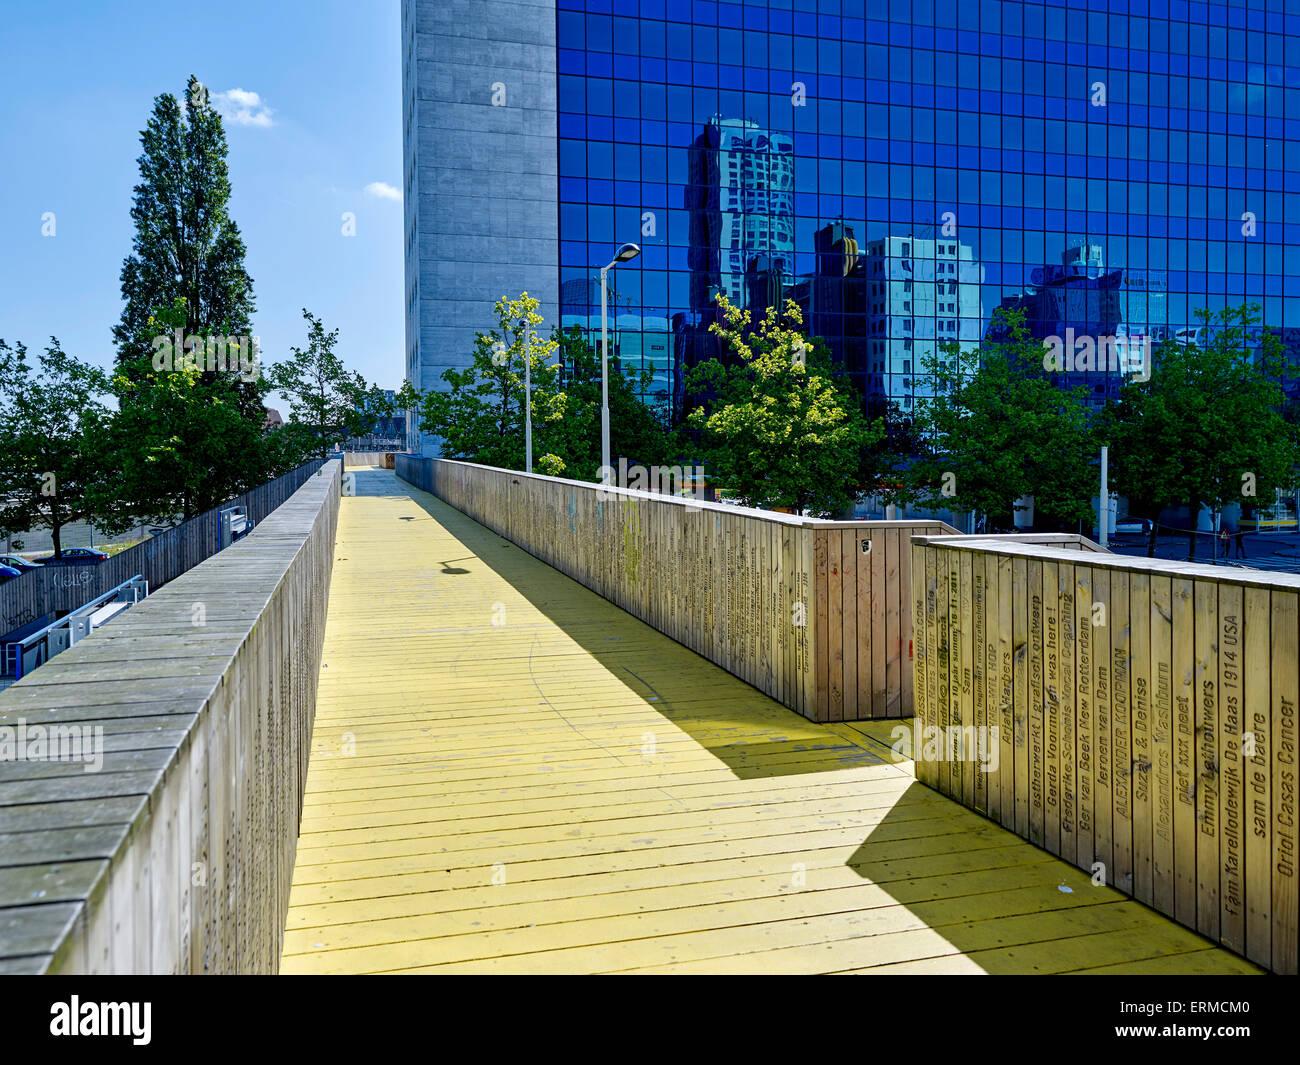 De Luchtsingel in Rotterdam, Niederlande, eine Verbindung zwischen Rotterdam Norden und die Mitte von Rotterdam. Stockbild